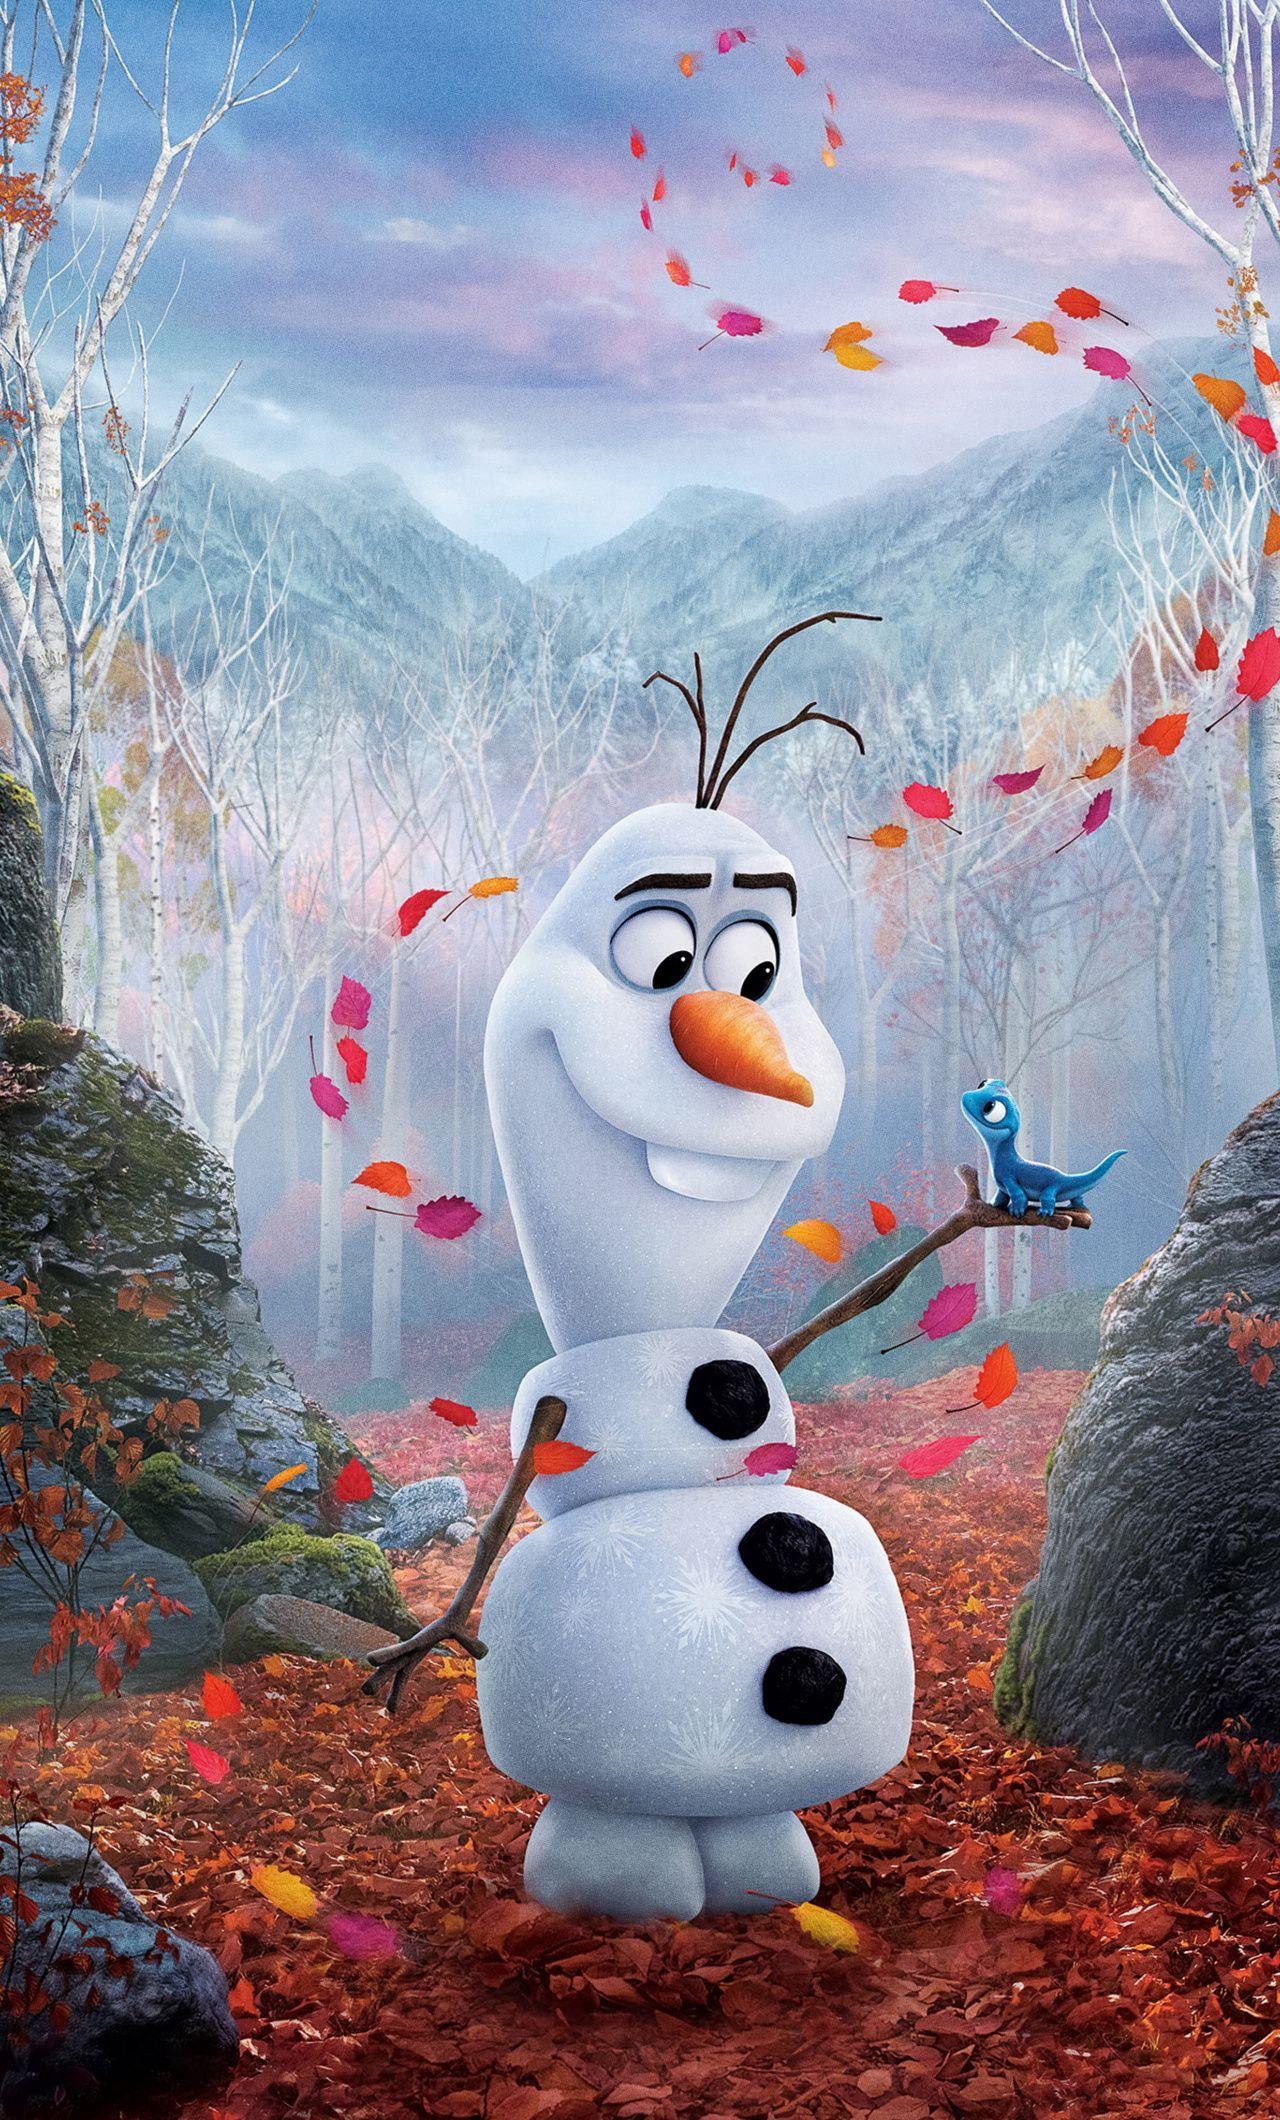 1280x2120 Happy Snowman Olaf Frozen 2 Movie 2019 Wallpaper Entertainment Wallpaper Disney Wallpaper Disney Phone Wallpaper Disney Princess Wallpaper Ideas for olaf frozen 2 olaf wallpaper